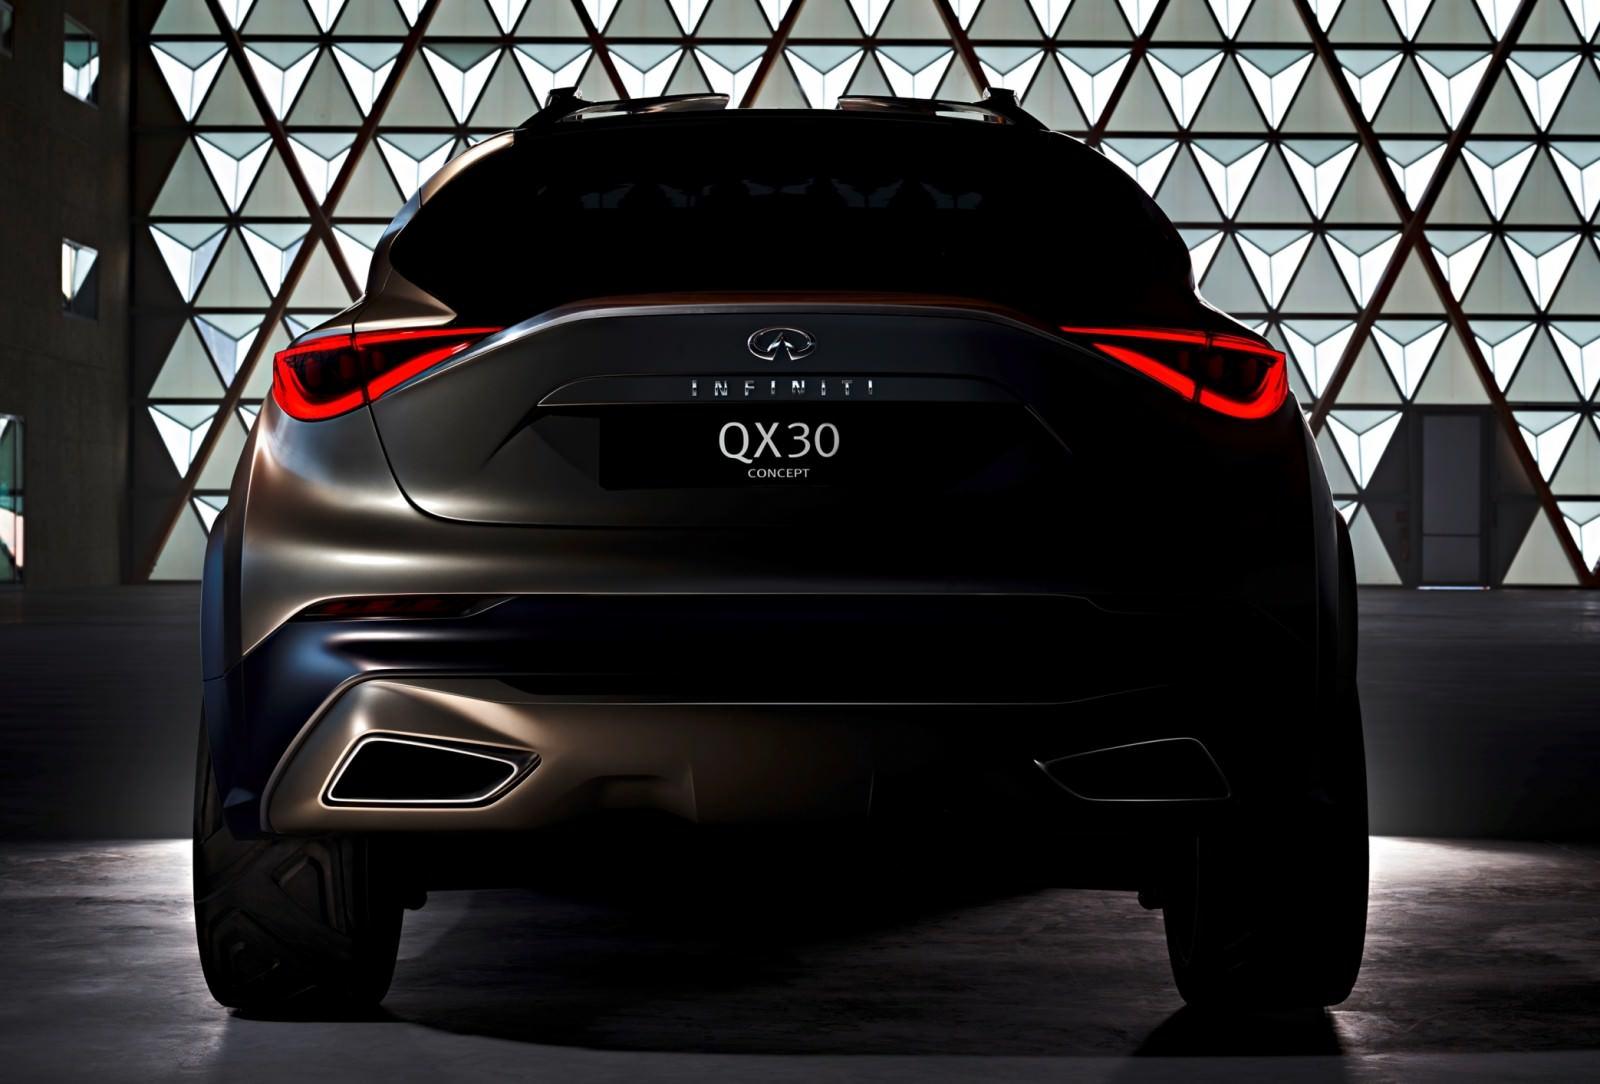 2015 Infiniti QX30 Concept 1